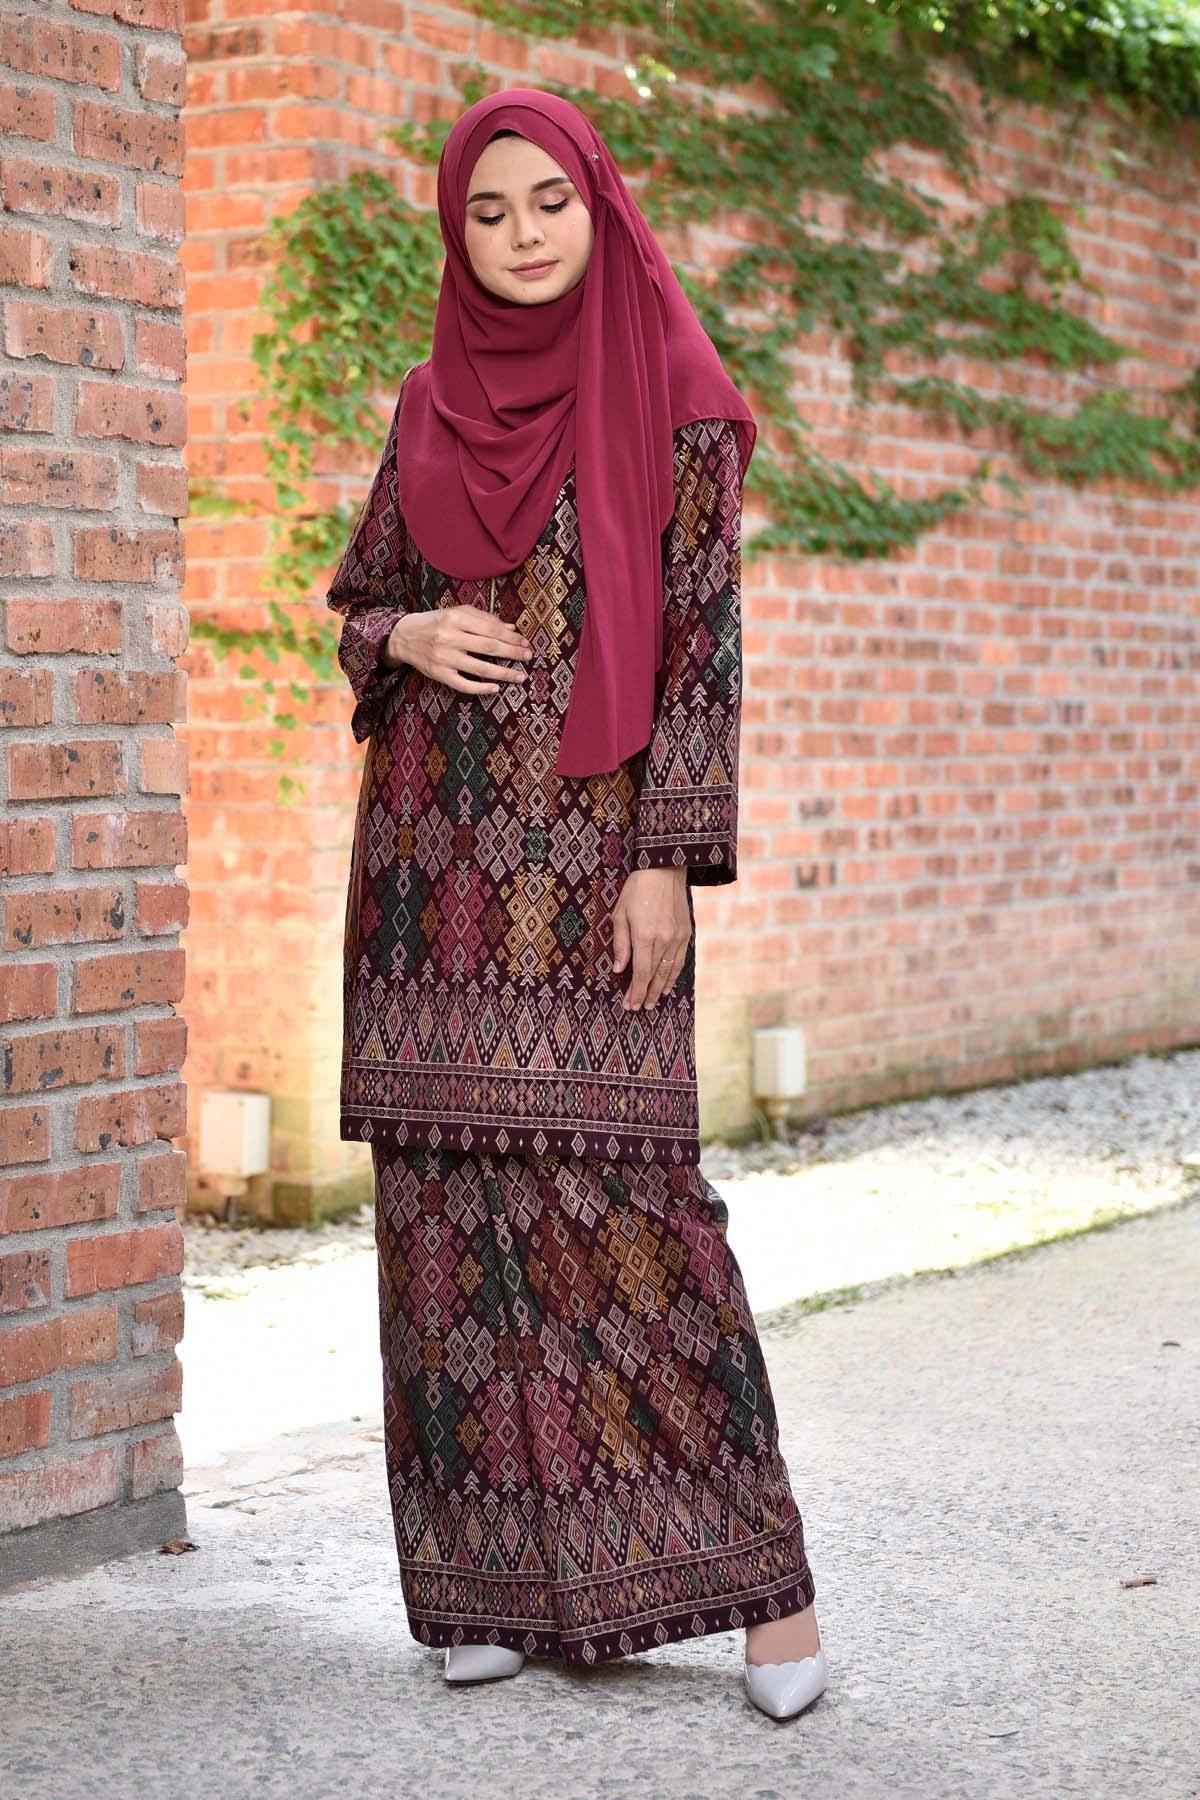 Model Model Seragam Bridesmaid Hijab Jxdu Baju Kurung songket Luella Deep Maroon